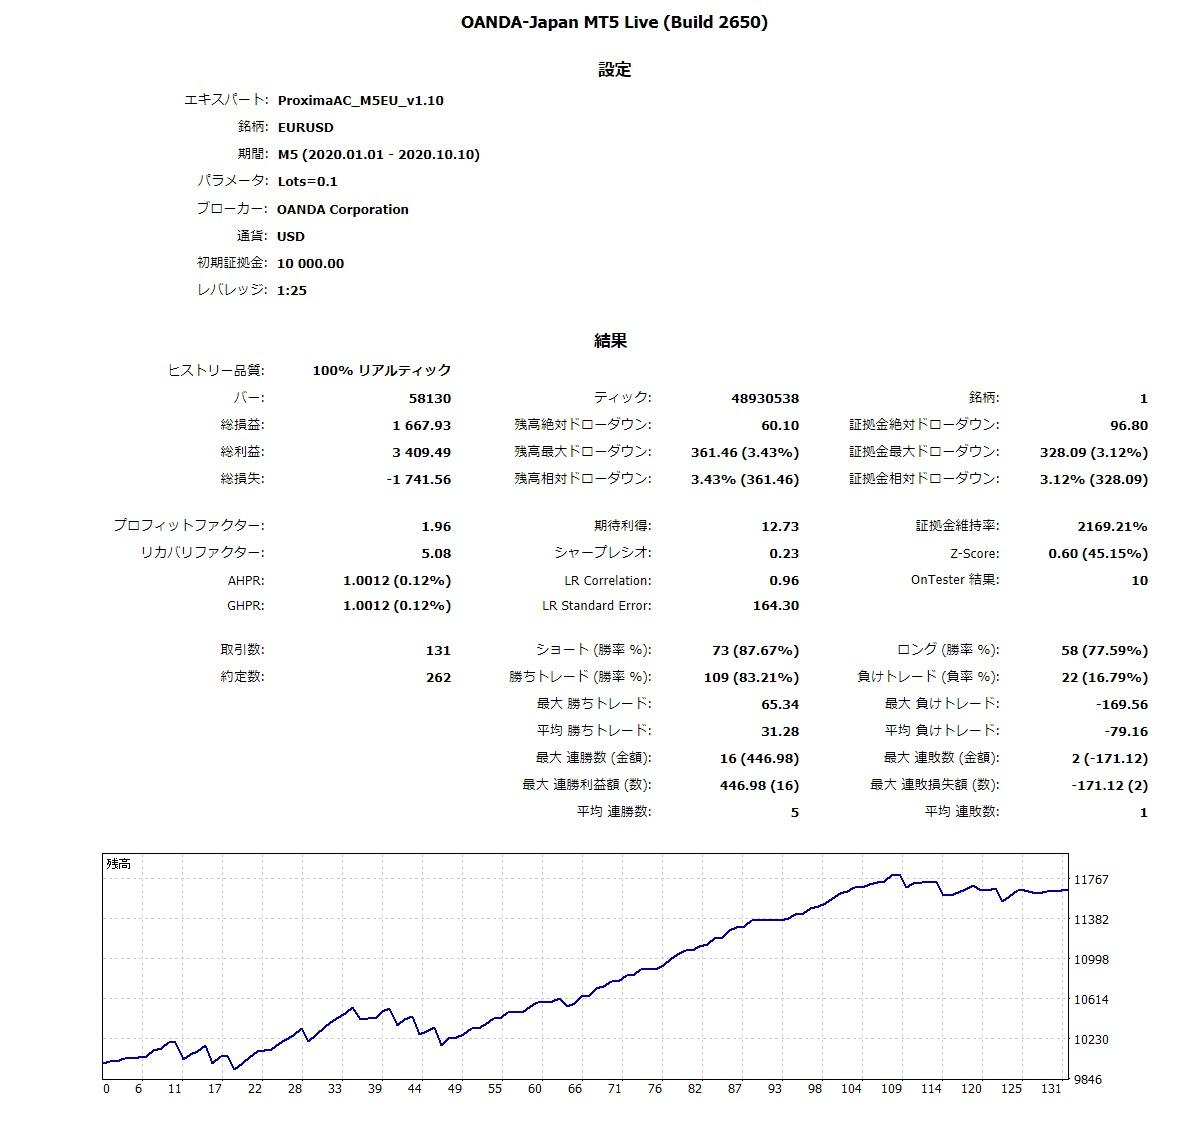 20100101-20201010_OANDALive全Tick_ReportTester.jpg